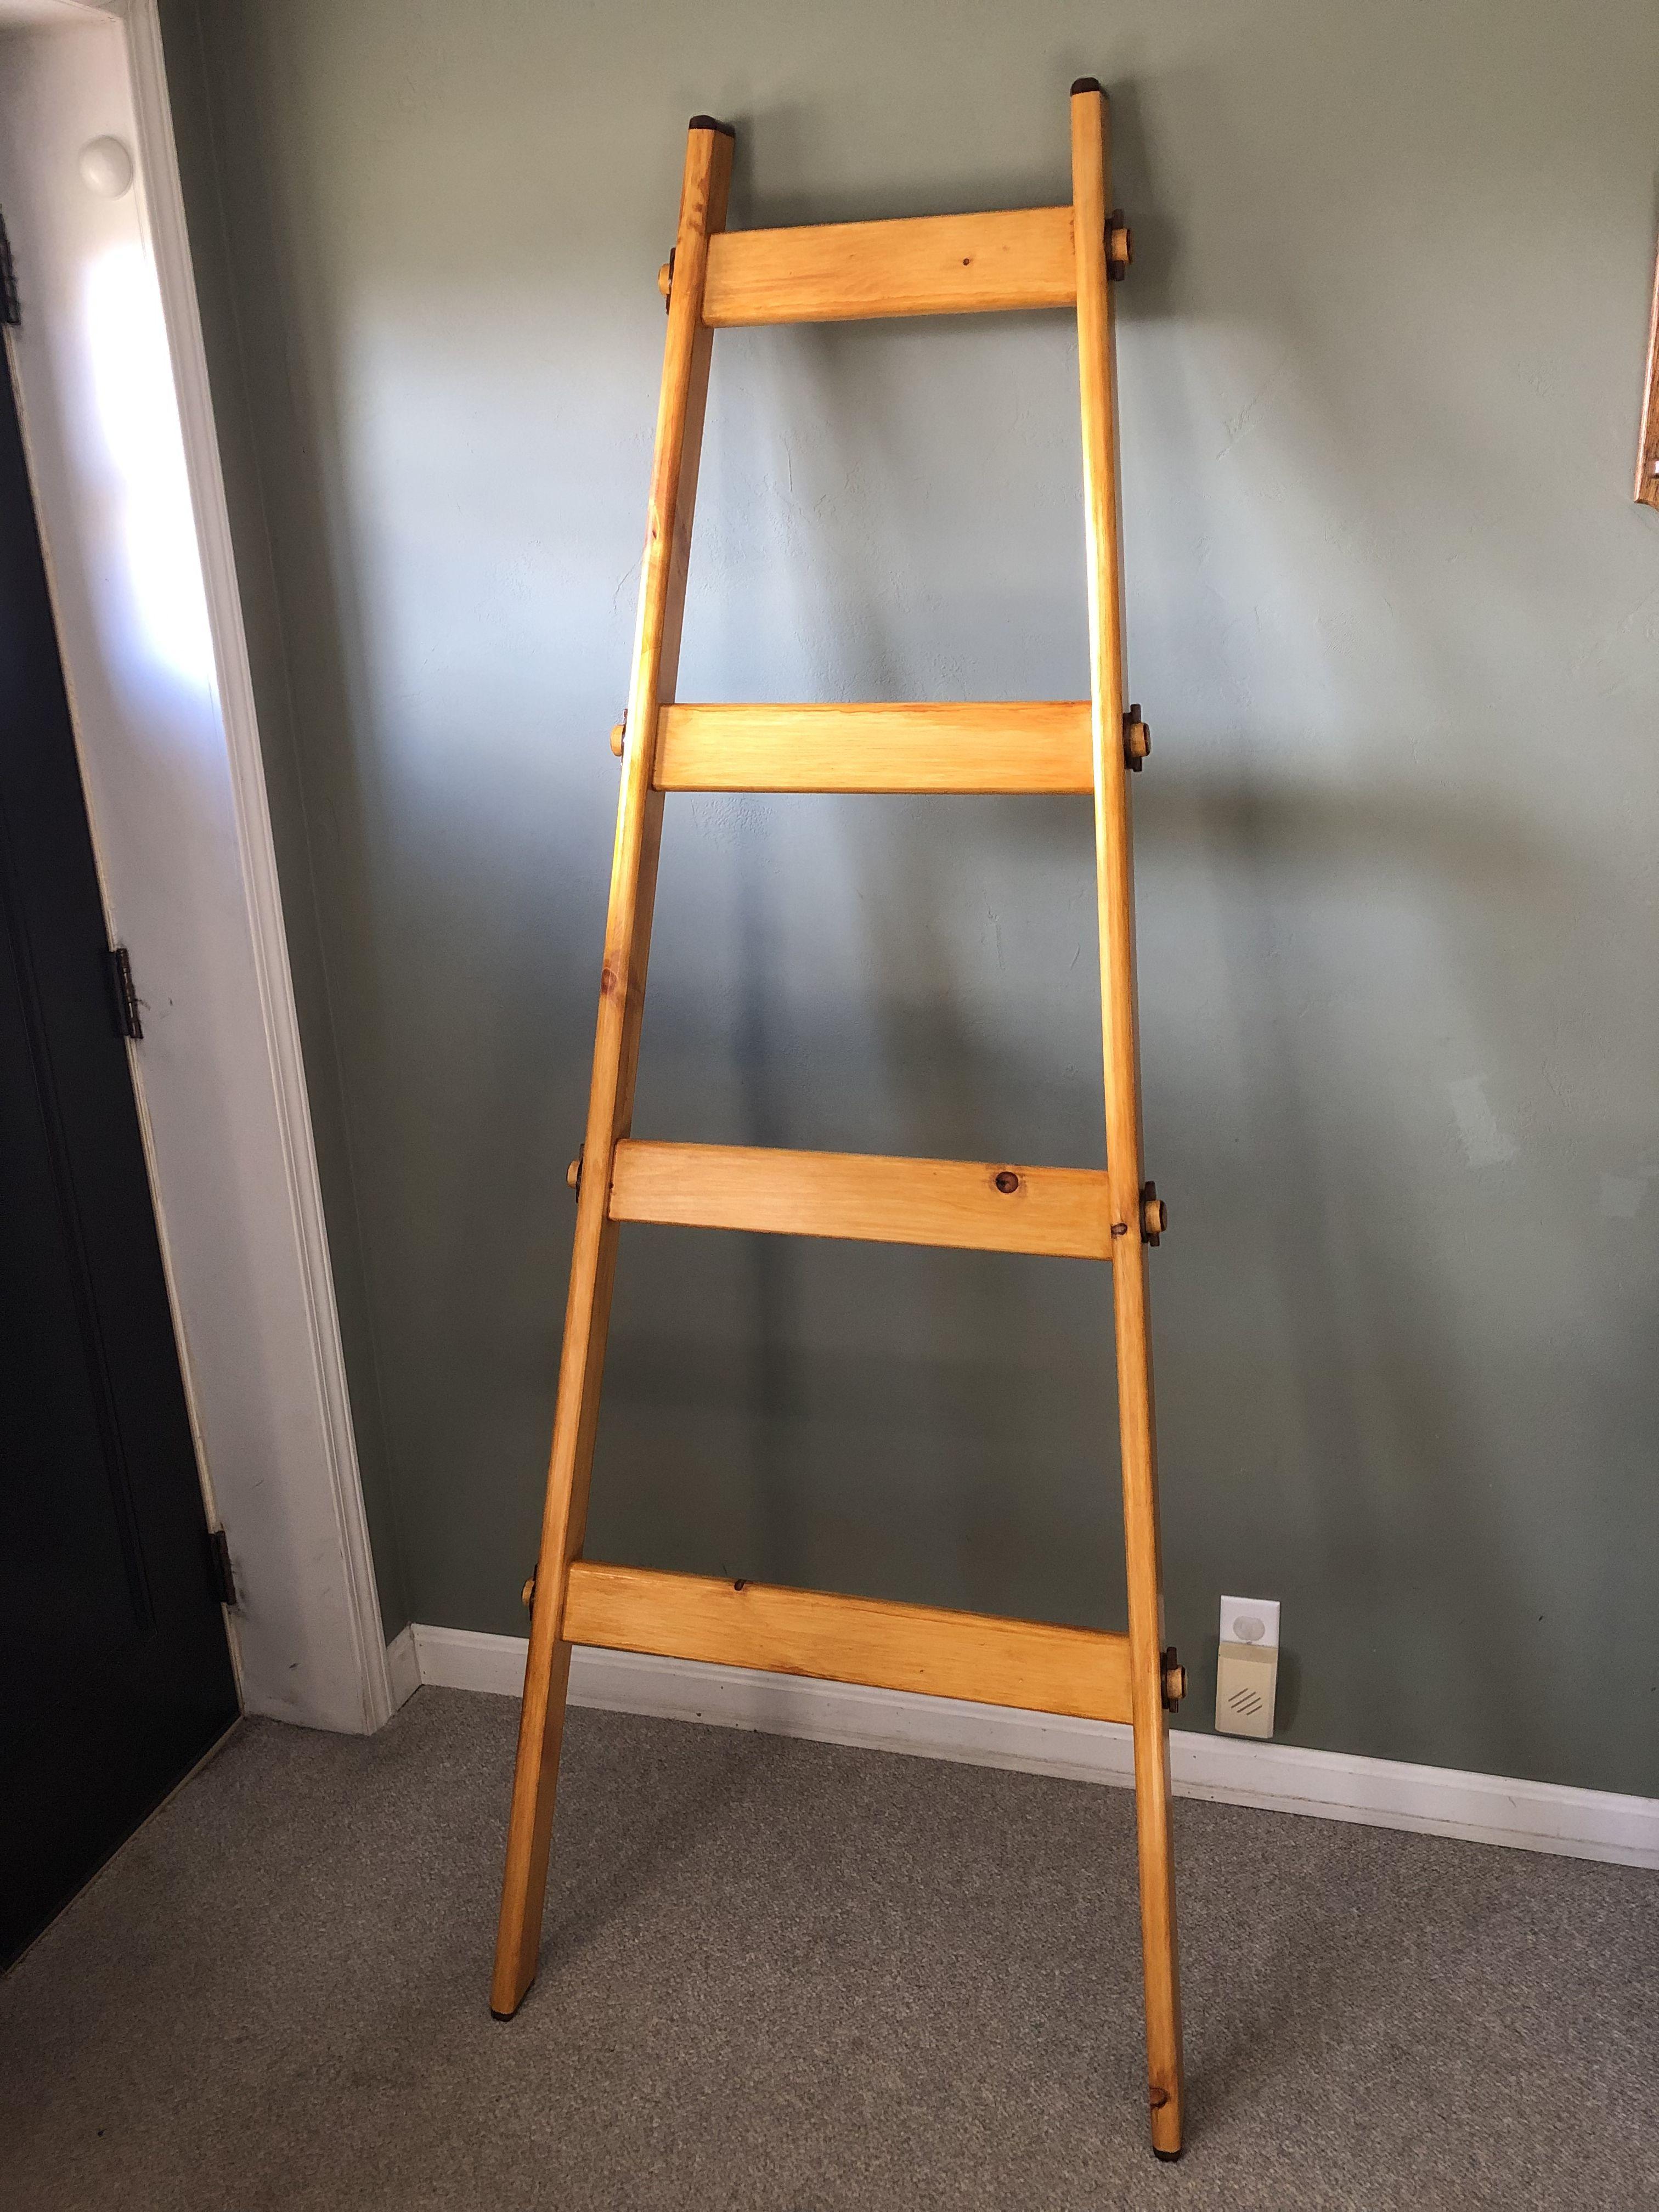 Blanket Ladder (With images) Blanket ladder, Ladder, Wood